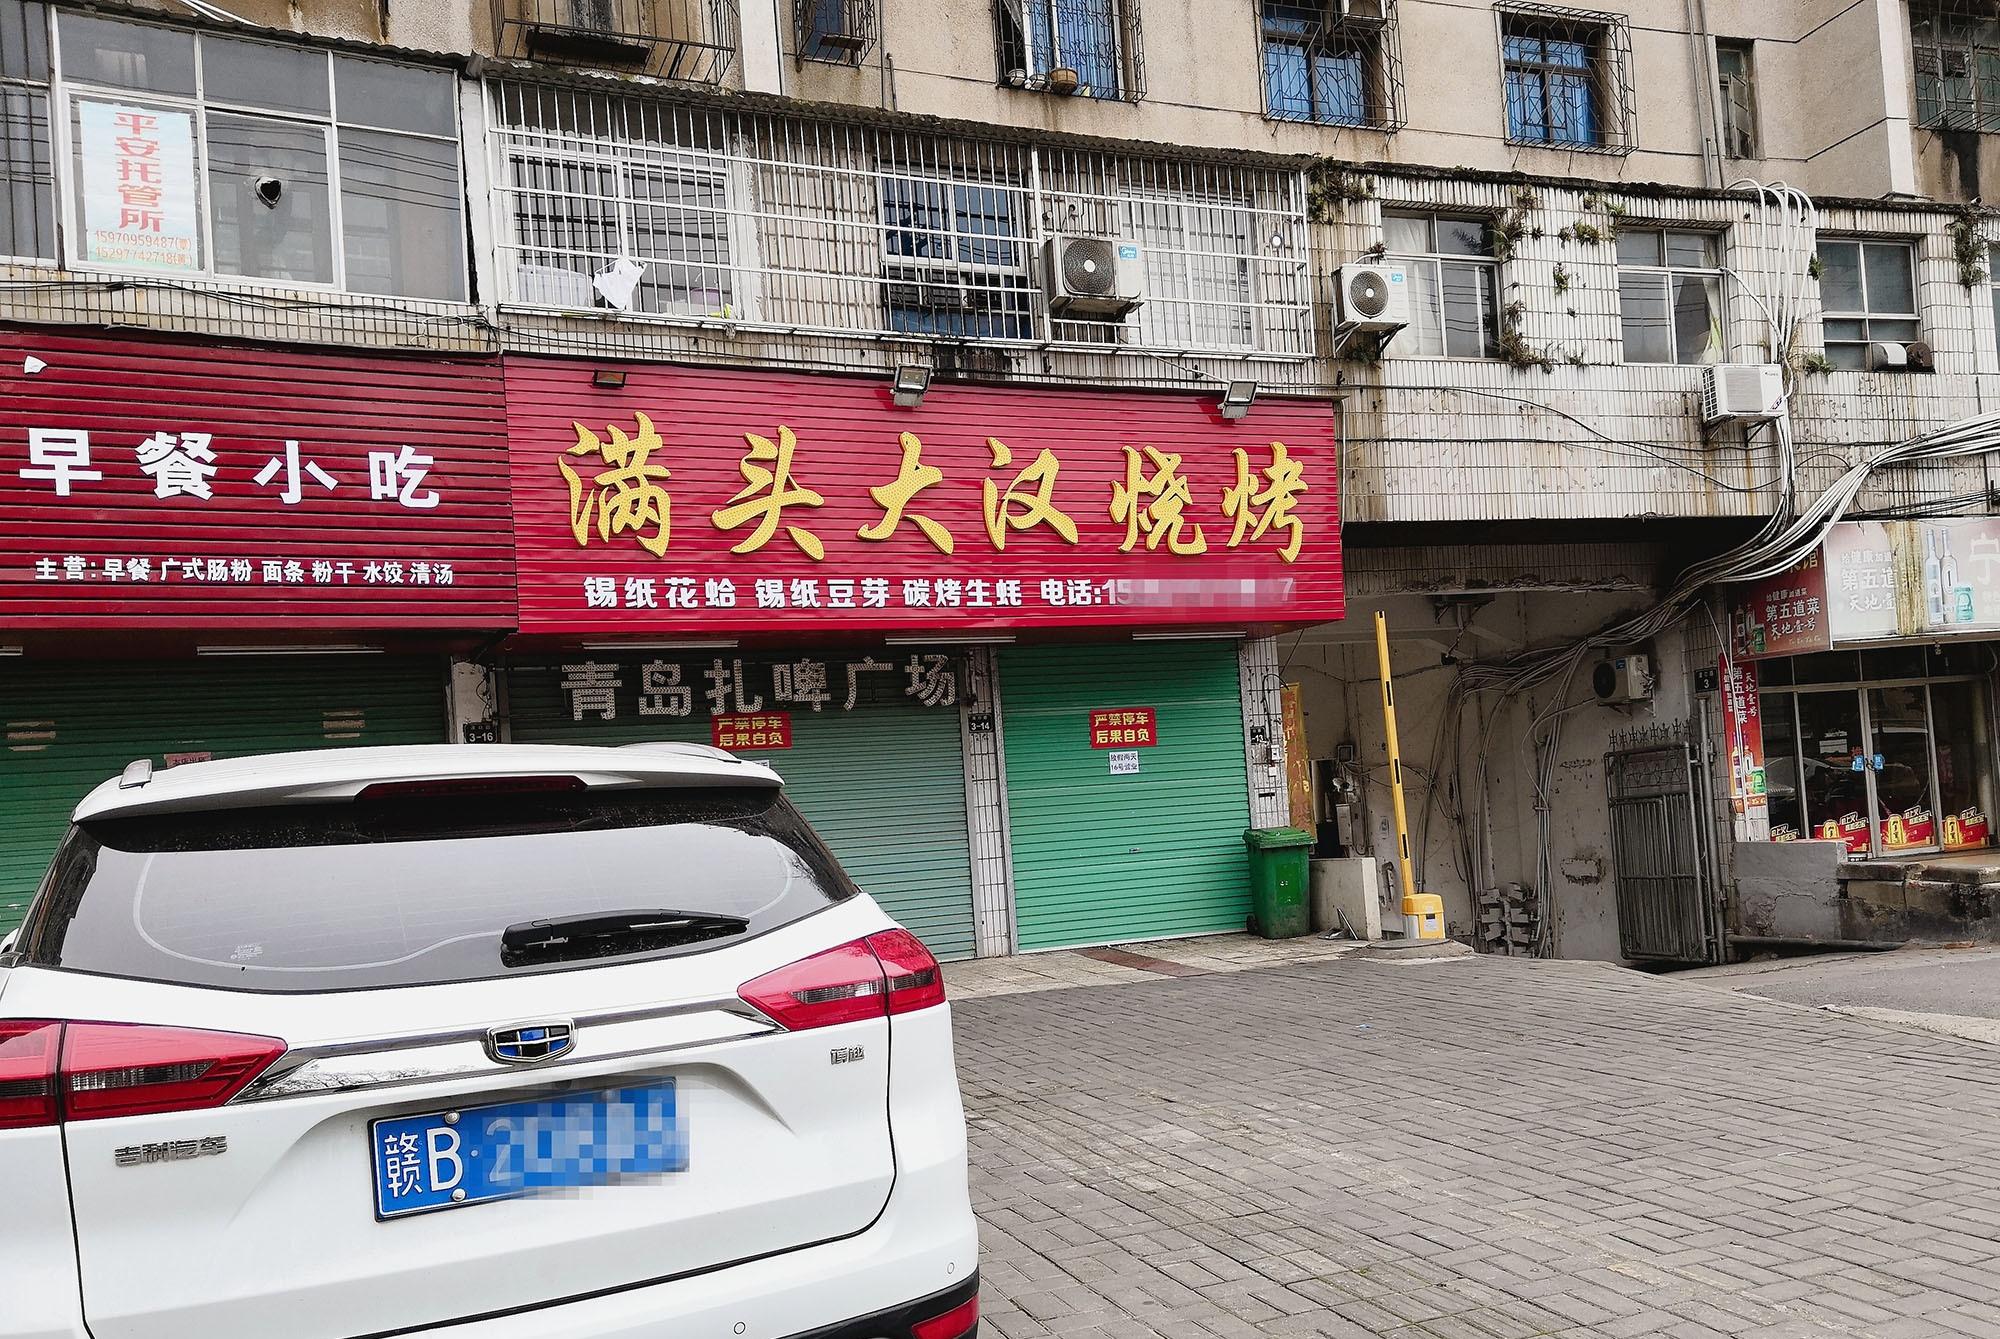 扒一扒大街上奇葩搞笑的店名,看了让人忍不住想笑,你见过几个?